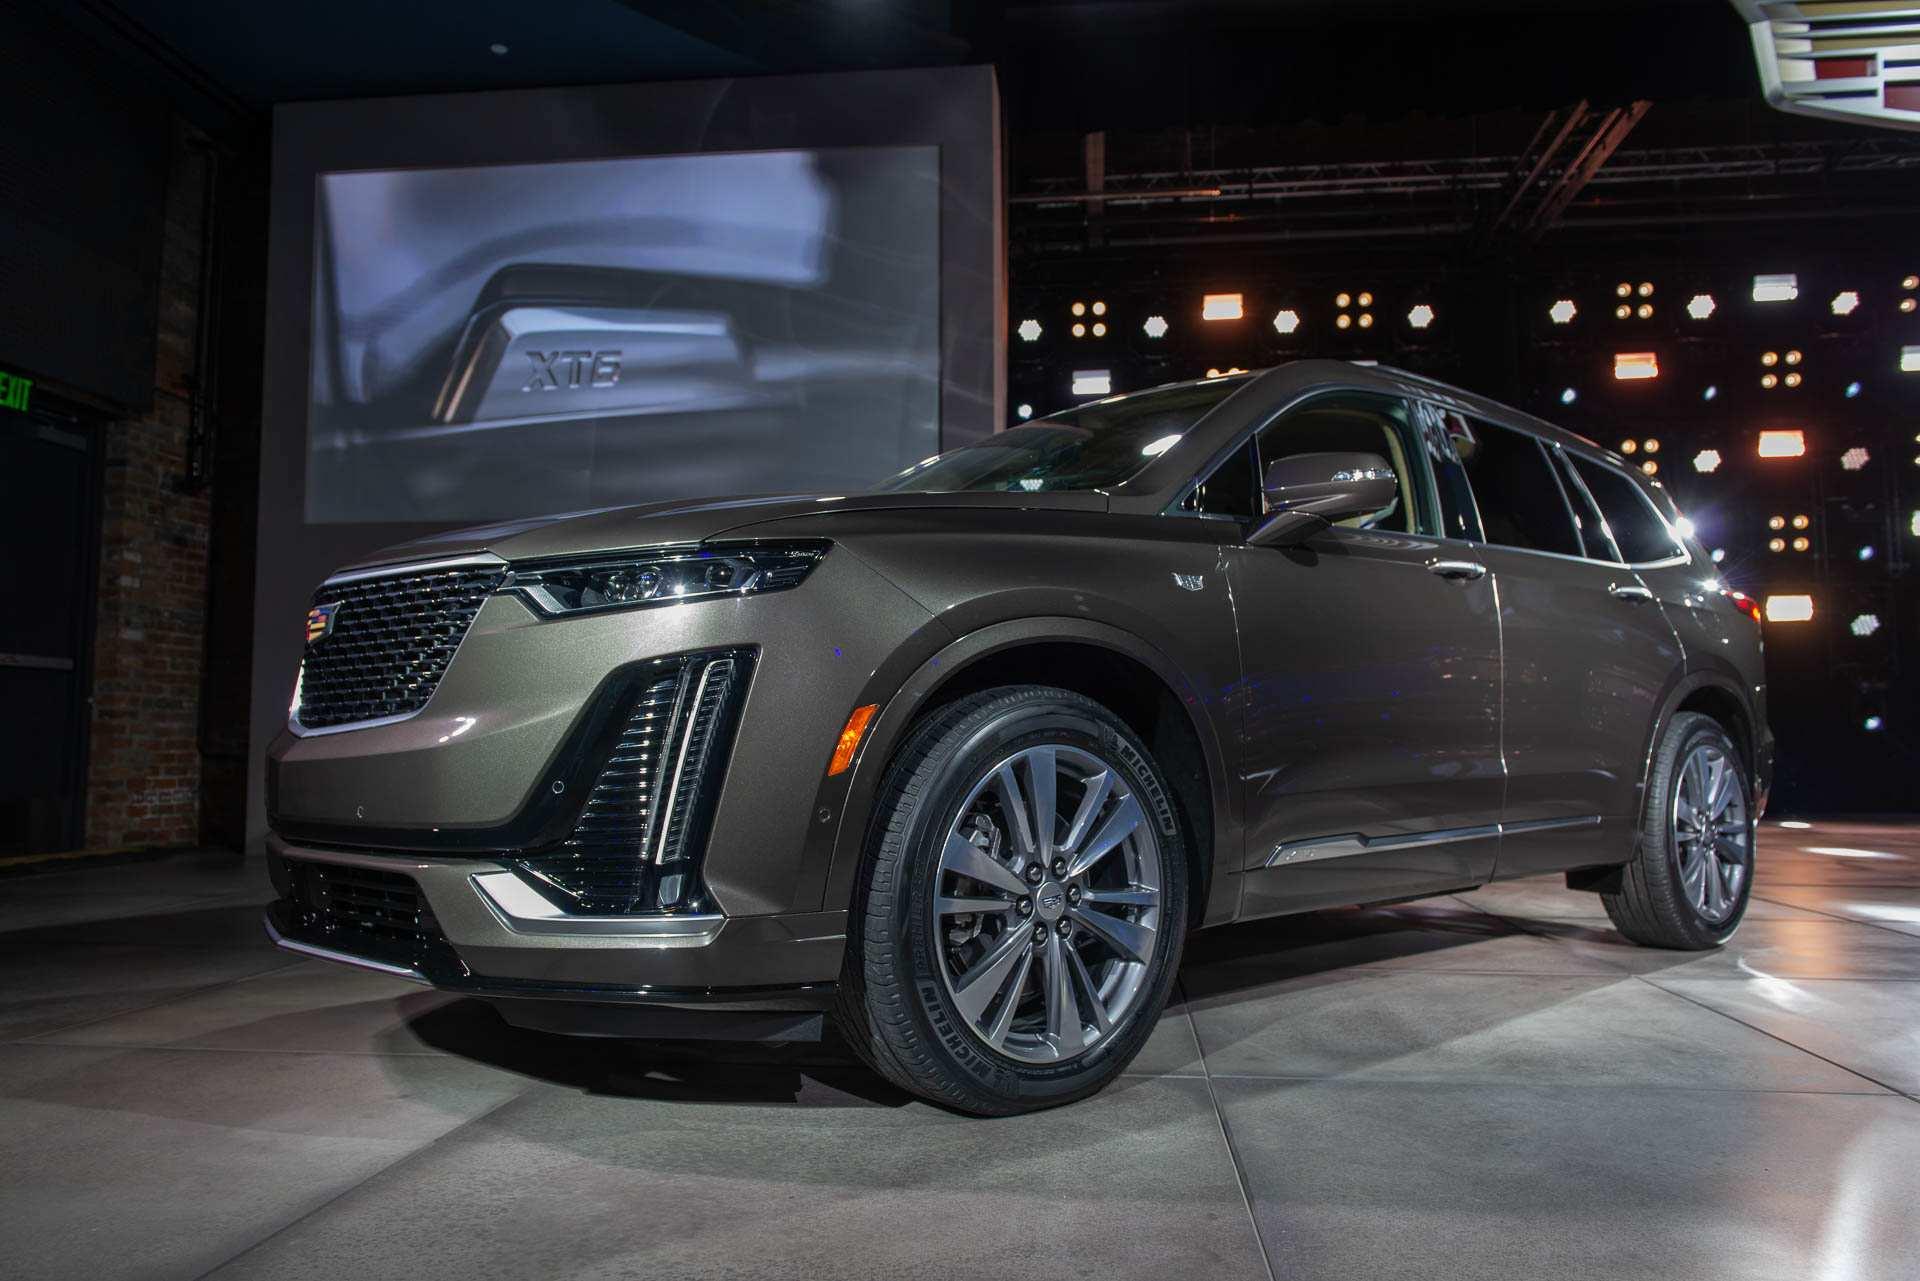 63 All New 2020 Cadillac Xt6 Availability Photos by 2020 Cadillac Xt6 Availability